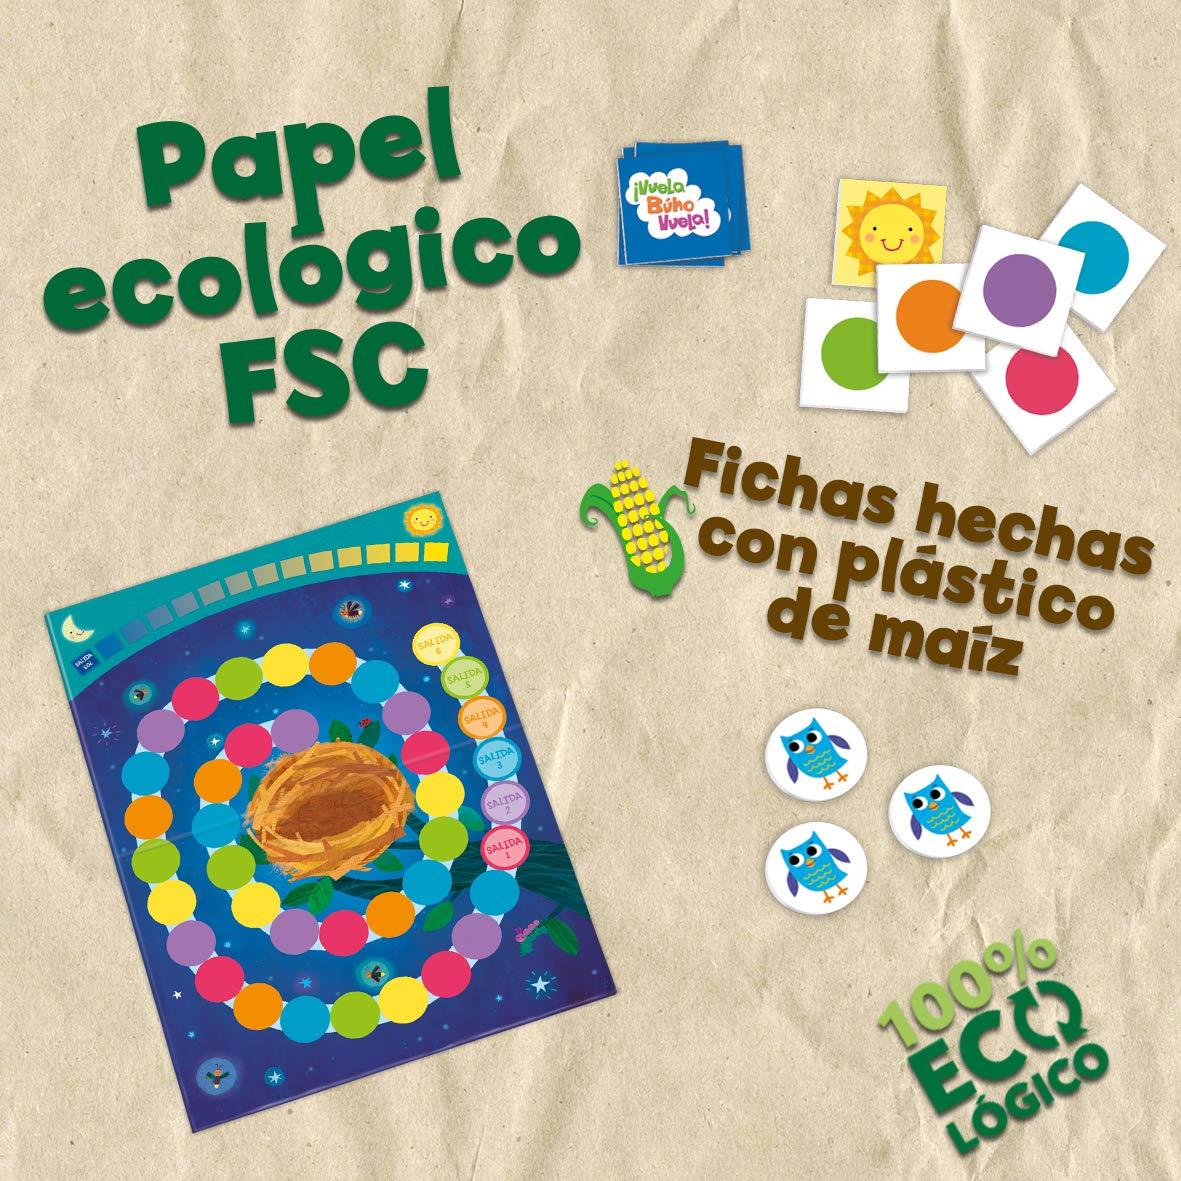 Vuela Búho Vuela! Juego de mesa para niños cooperativo, Juego ecológico totalmente reciclable: Amazon.es: Juguetes y juegos